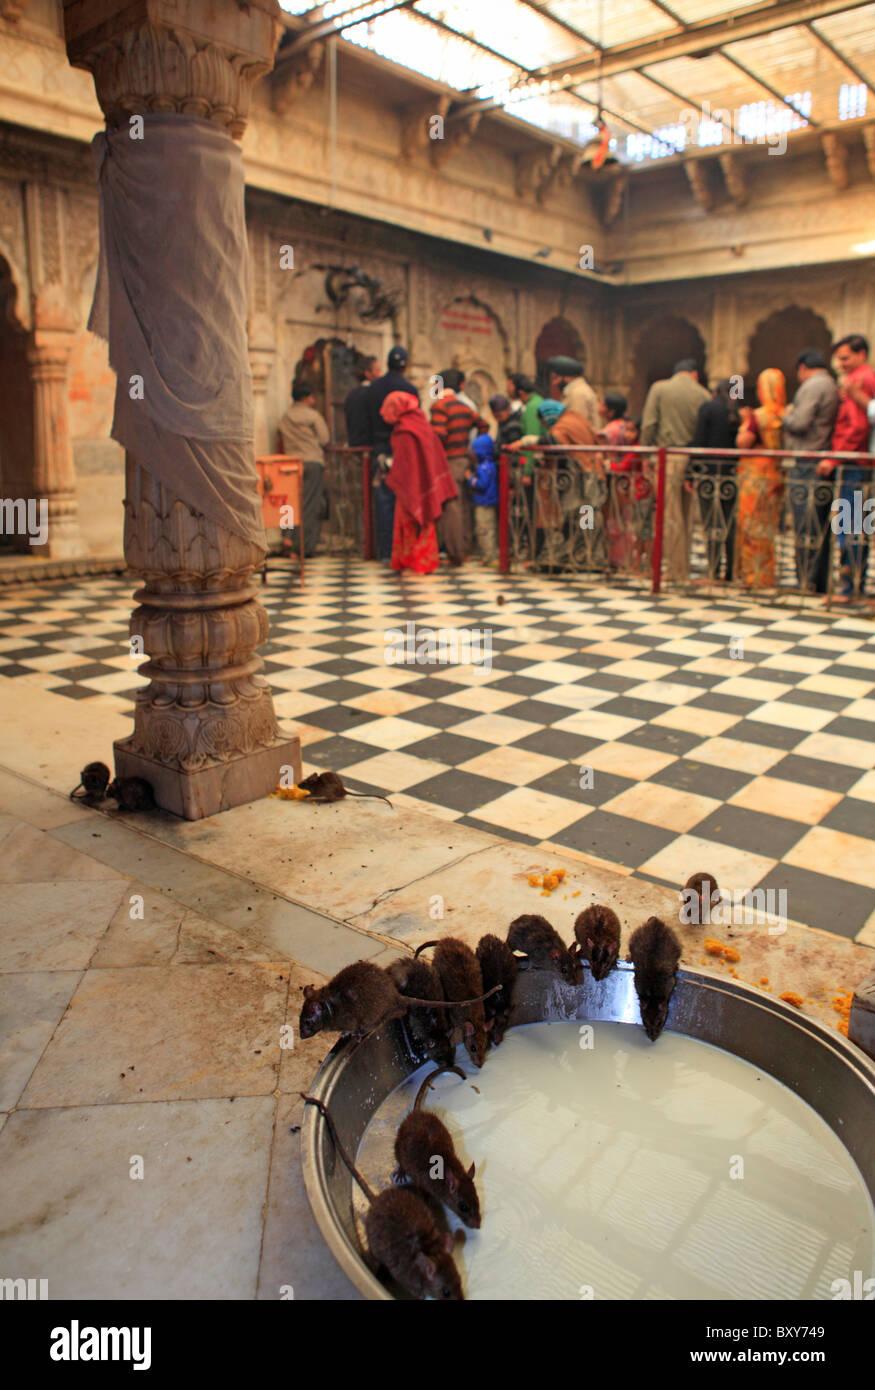 Ratten trinken Milch im Karni Mata Tempel in Deshnoke, Bikaner, Rajasthan, Indien Stockbild